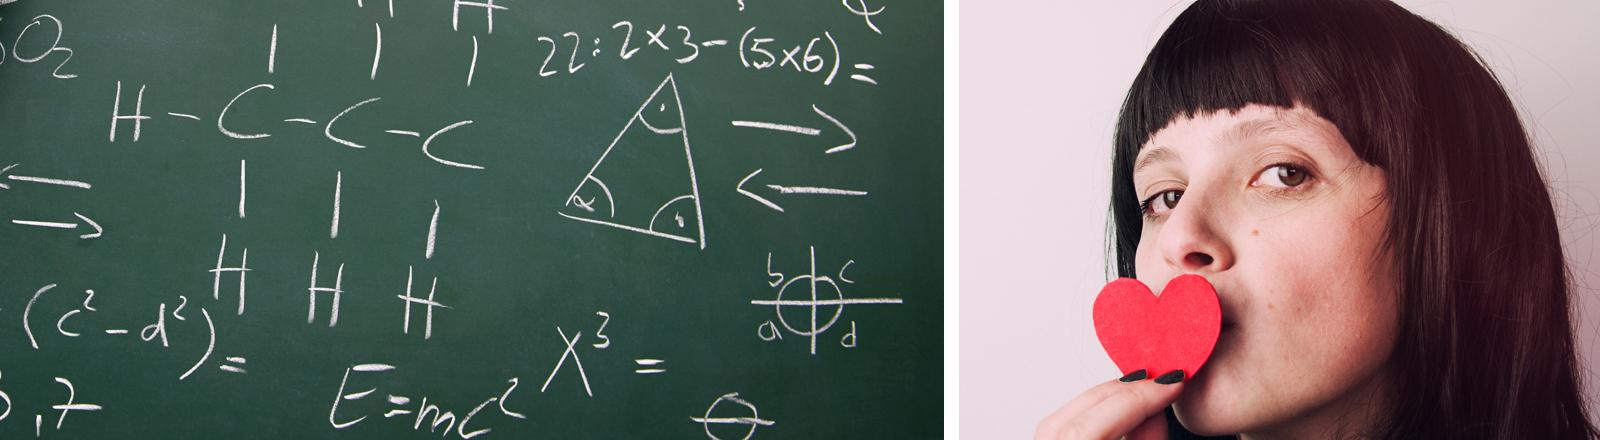 Matheformeln und Frau mit Herz